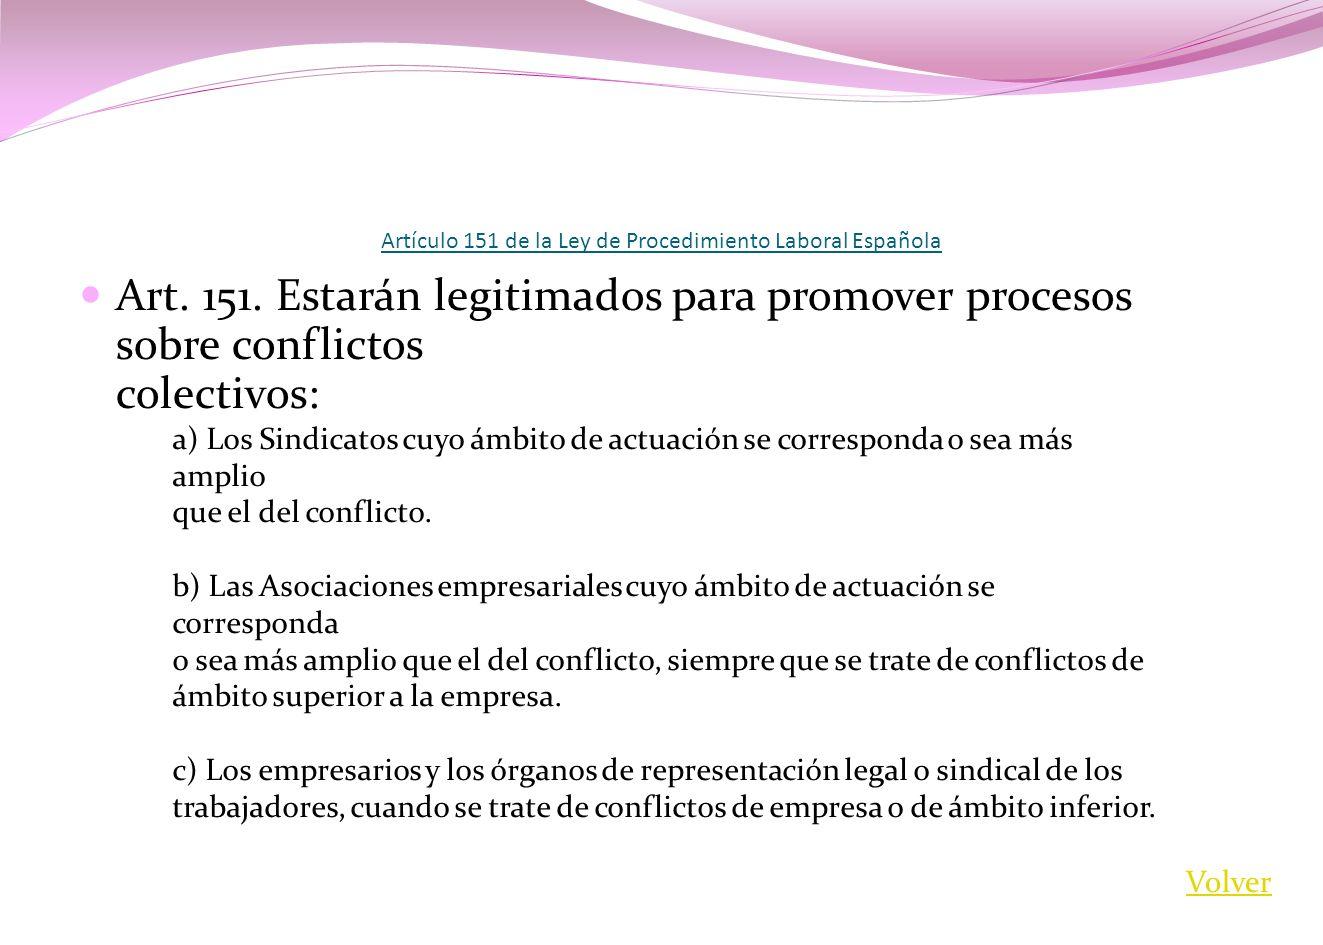 Artículo 151 de la Ley de Procedimiento Laboral Española Art. 151. Estarán legitimados para promover procesos sobre conflictos colectivos: a) Los Sind